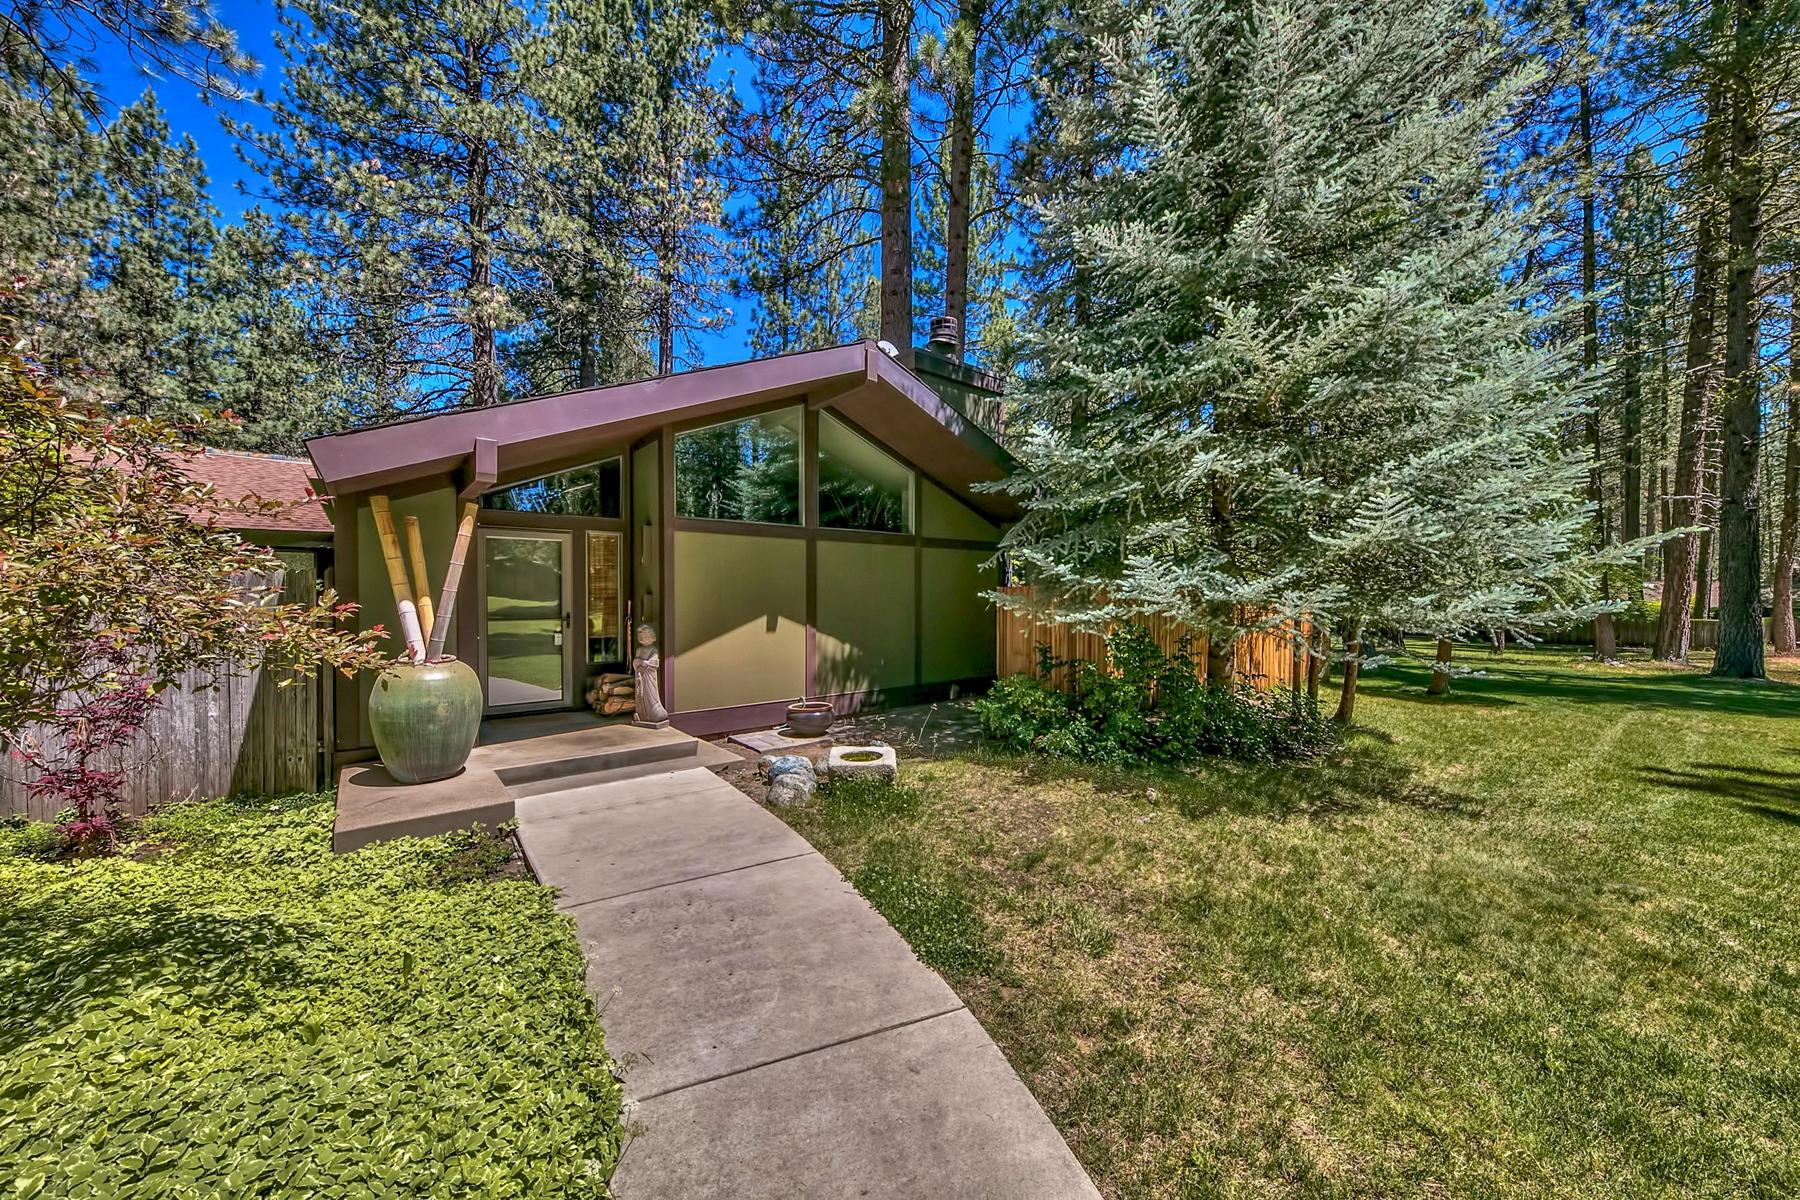 共管式独立产权公寓 为 销售 在 42 Graeagle Meadows Road, Graeagle, CA 42 Graeagle Meadows Road Graeagle, 加利福尼亚州 96103 美国